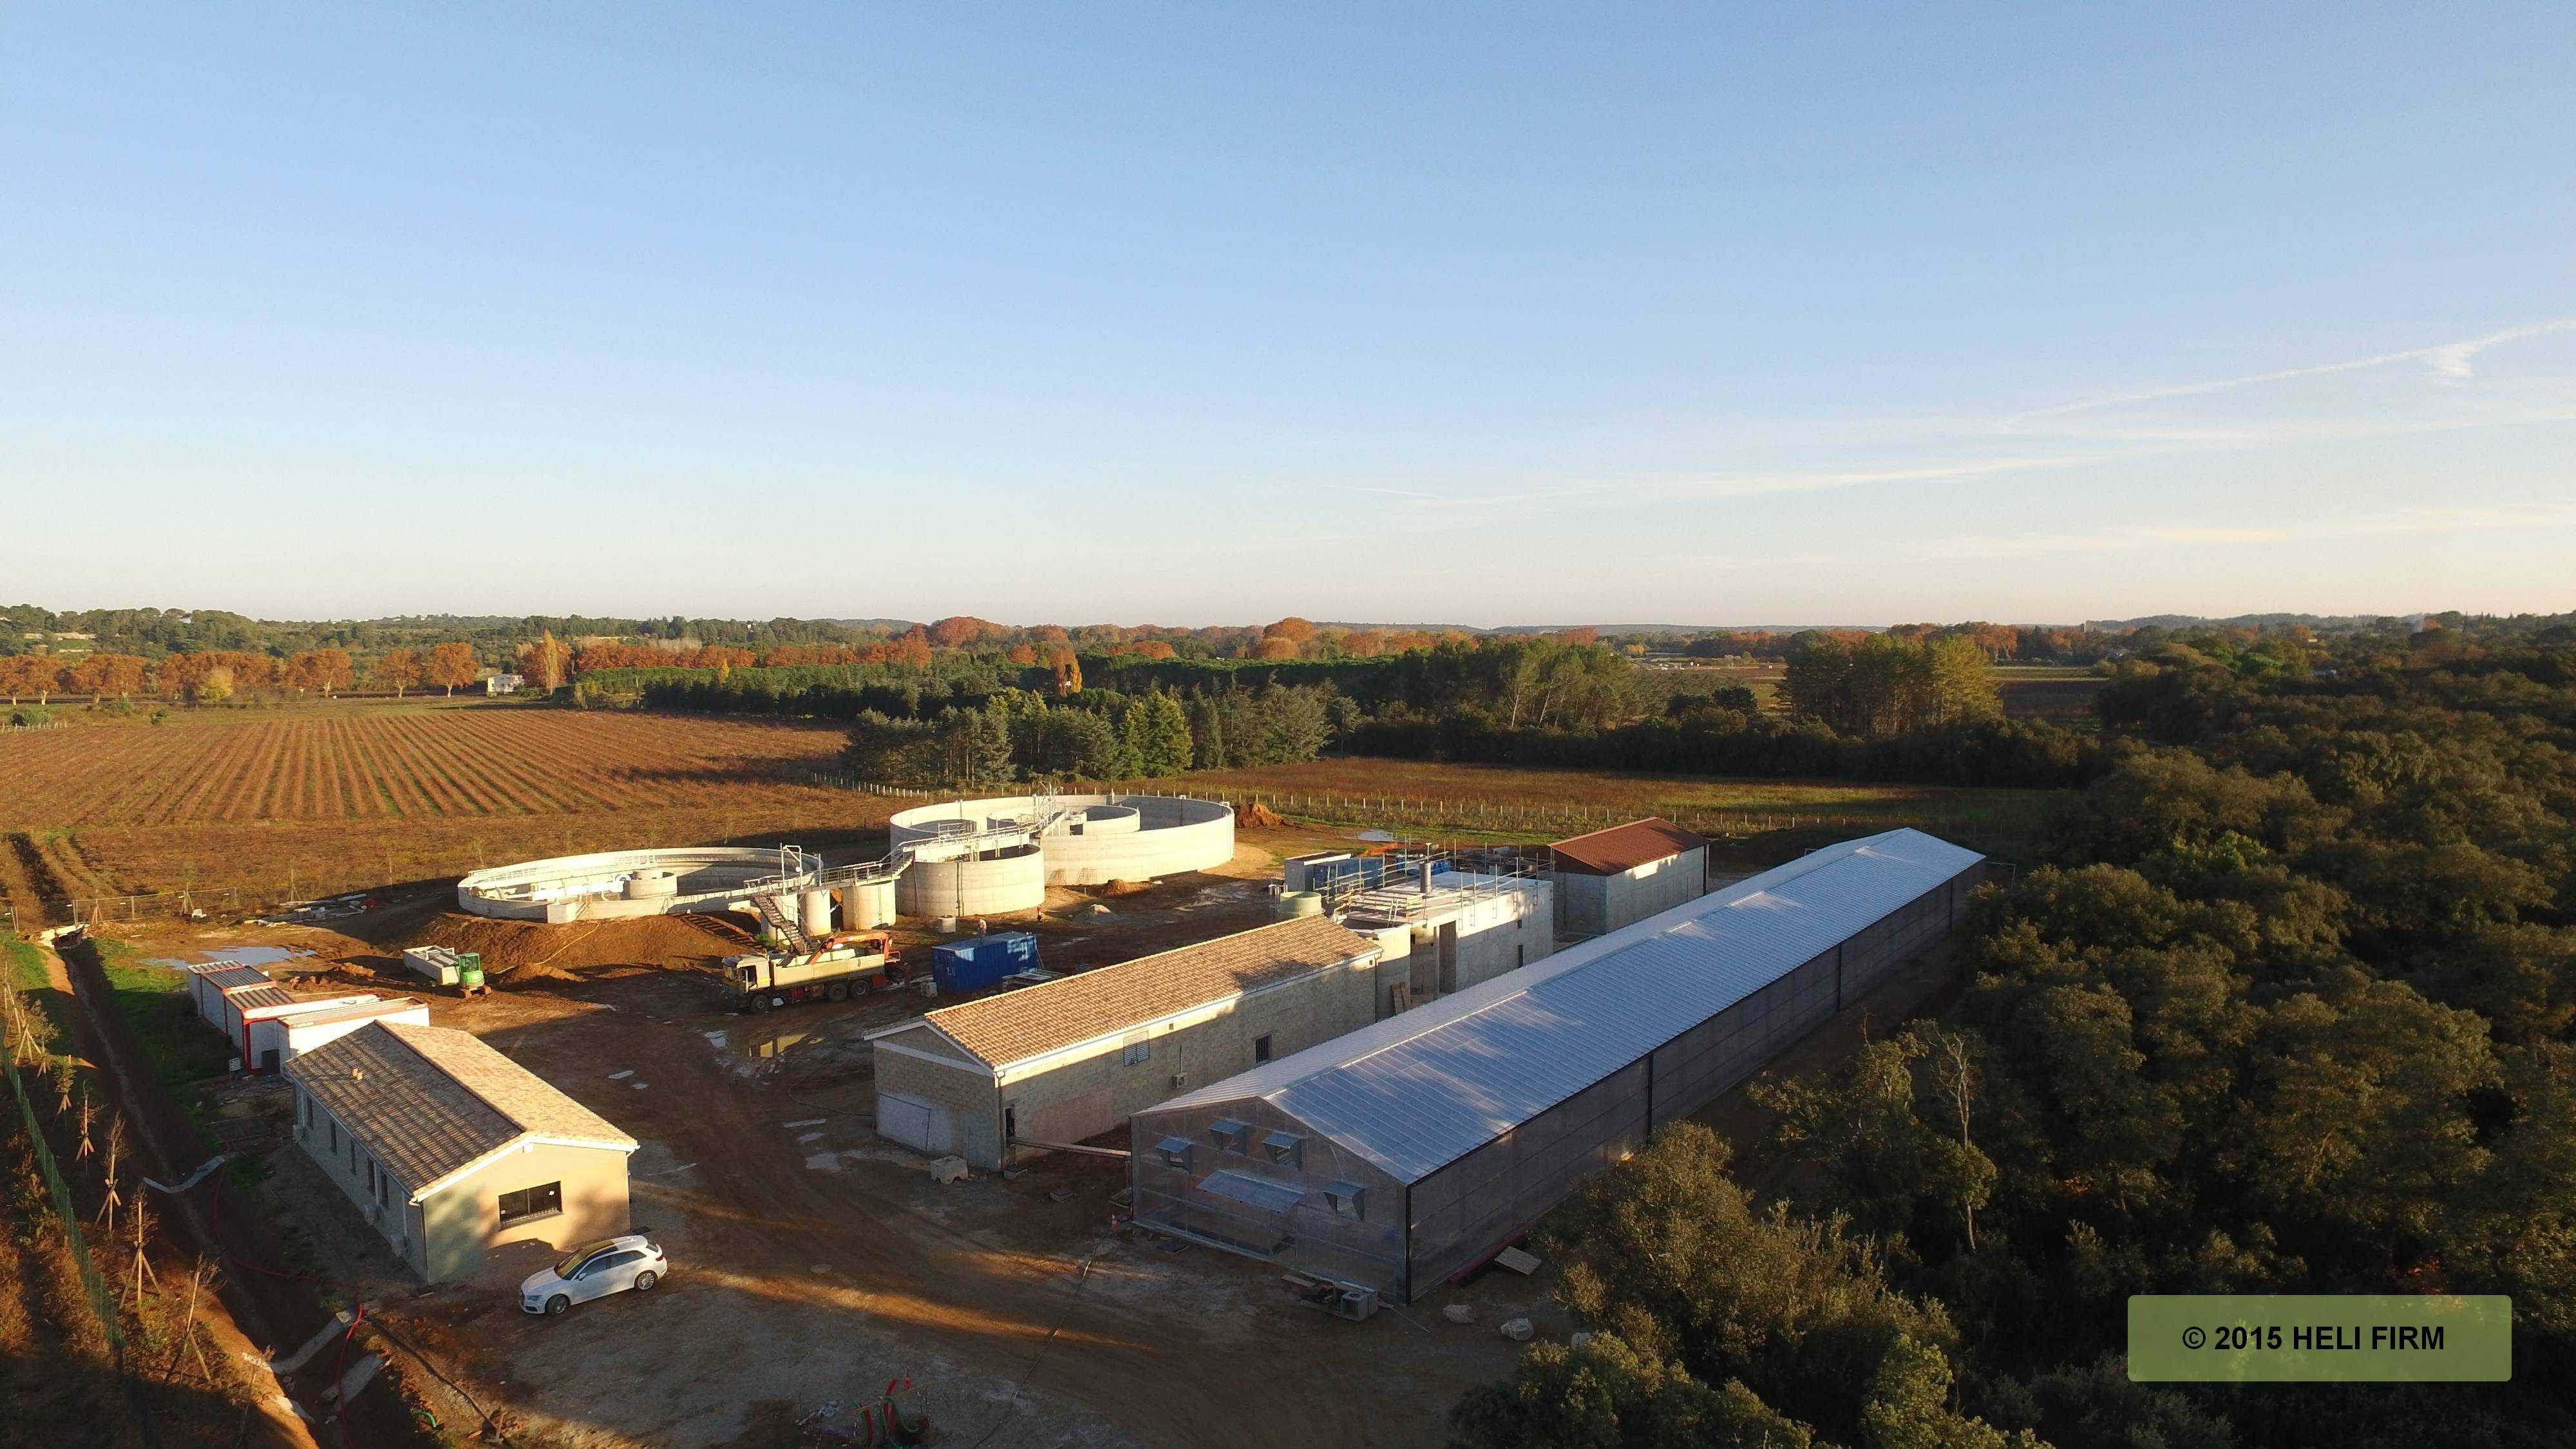 Contrat de rivière : Vendredi 1er juillet 2016, la station d'épuration intercommunale de Sommières/Villevieille/Boisseron/Saussines a été inaugurée